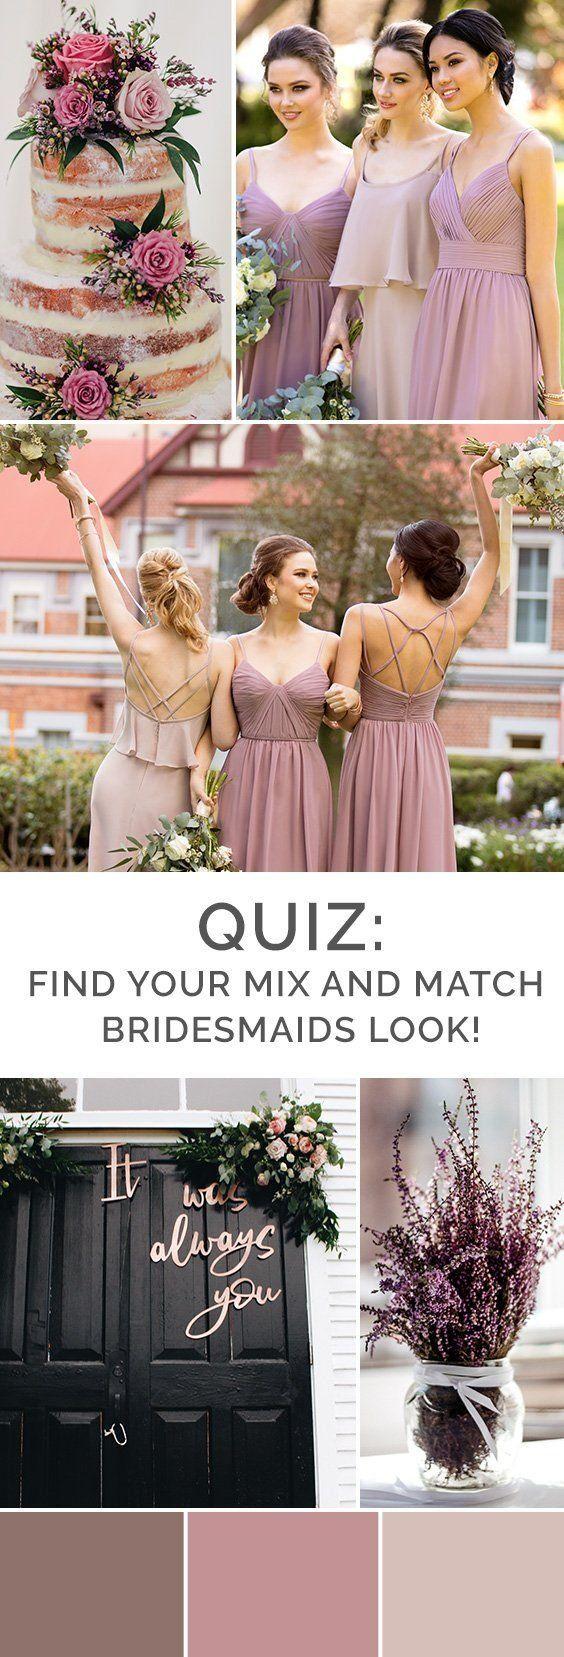 Whatus your mixandmatch bridesmaid style kitchens pinterest